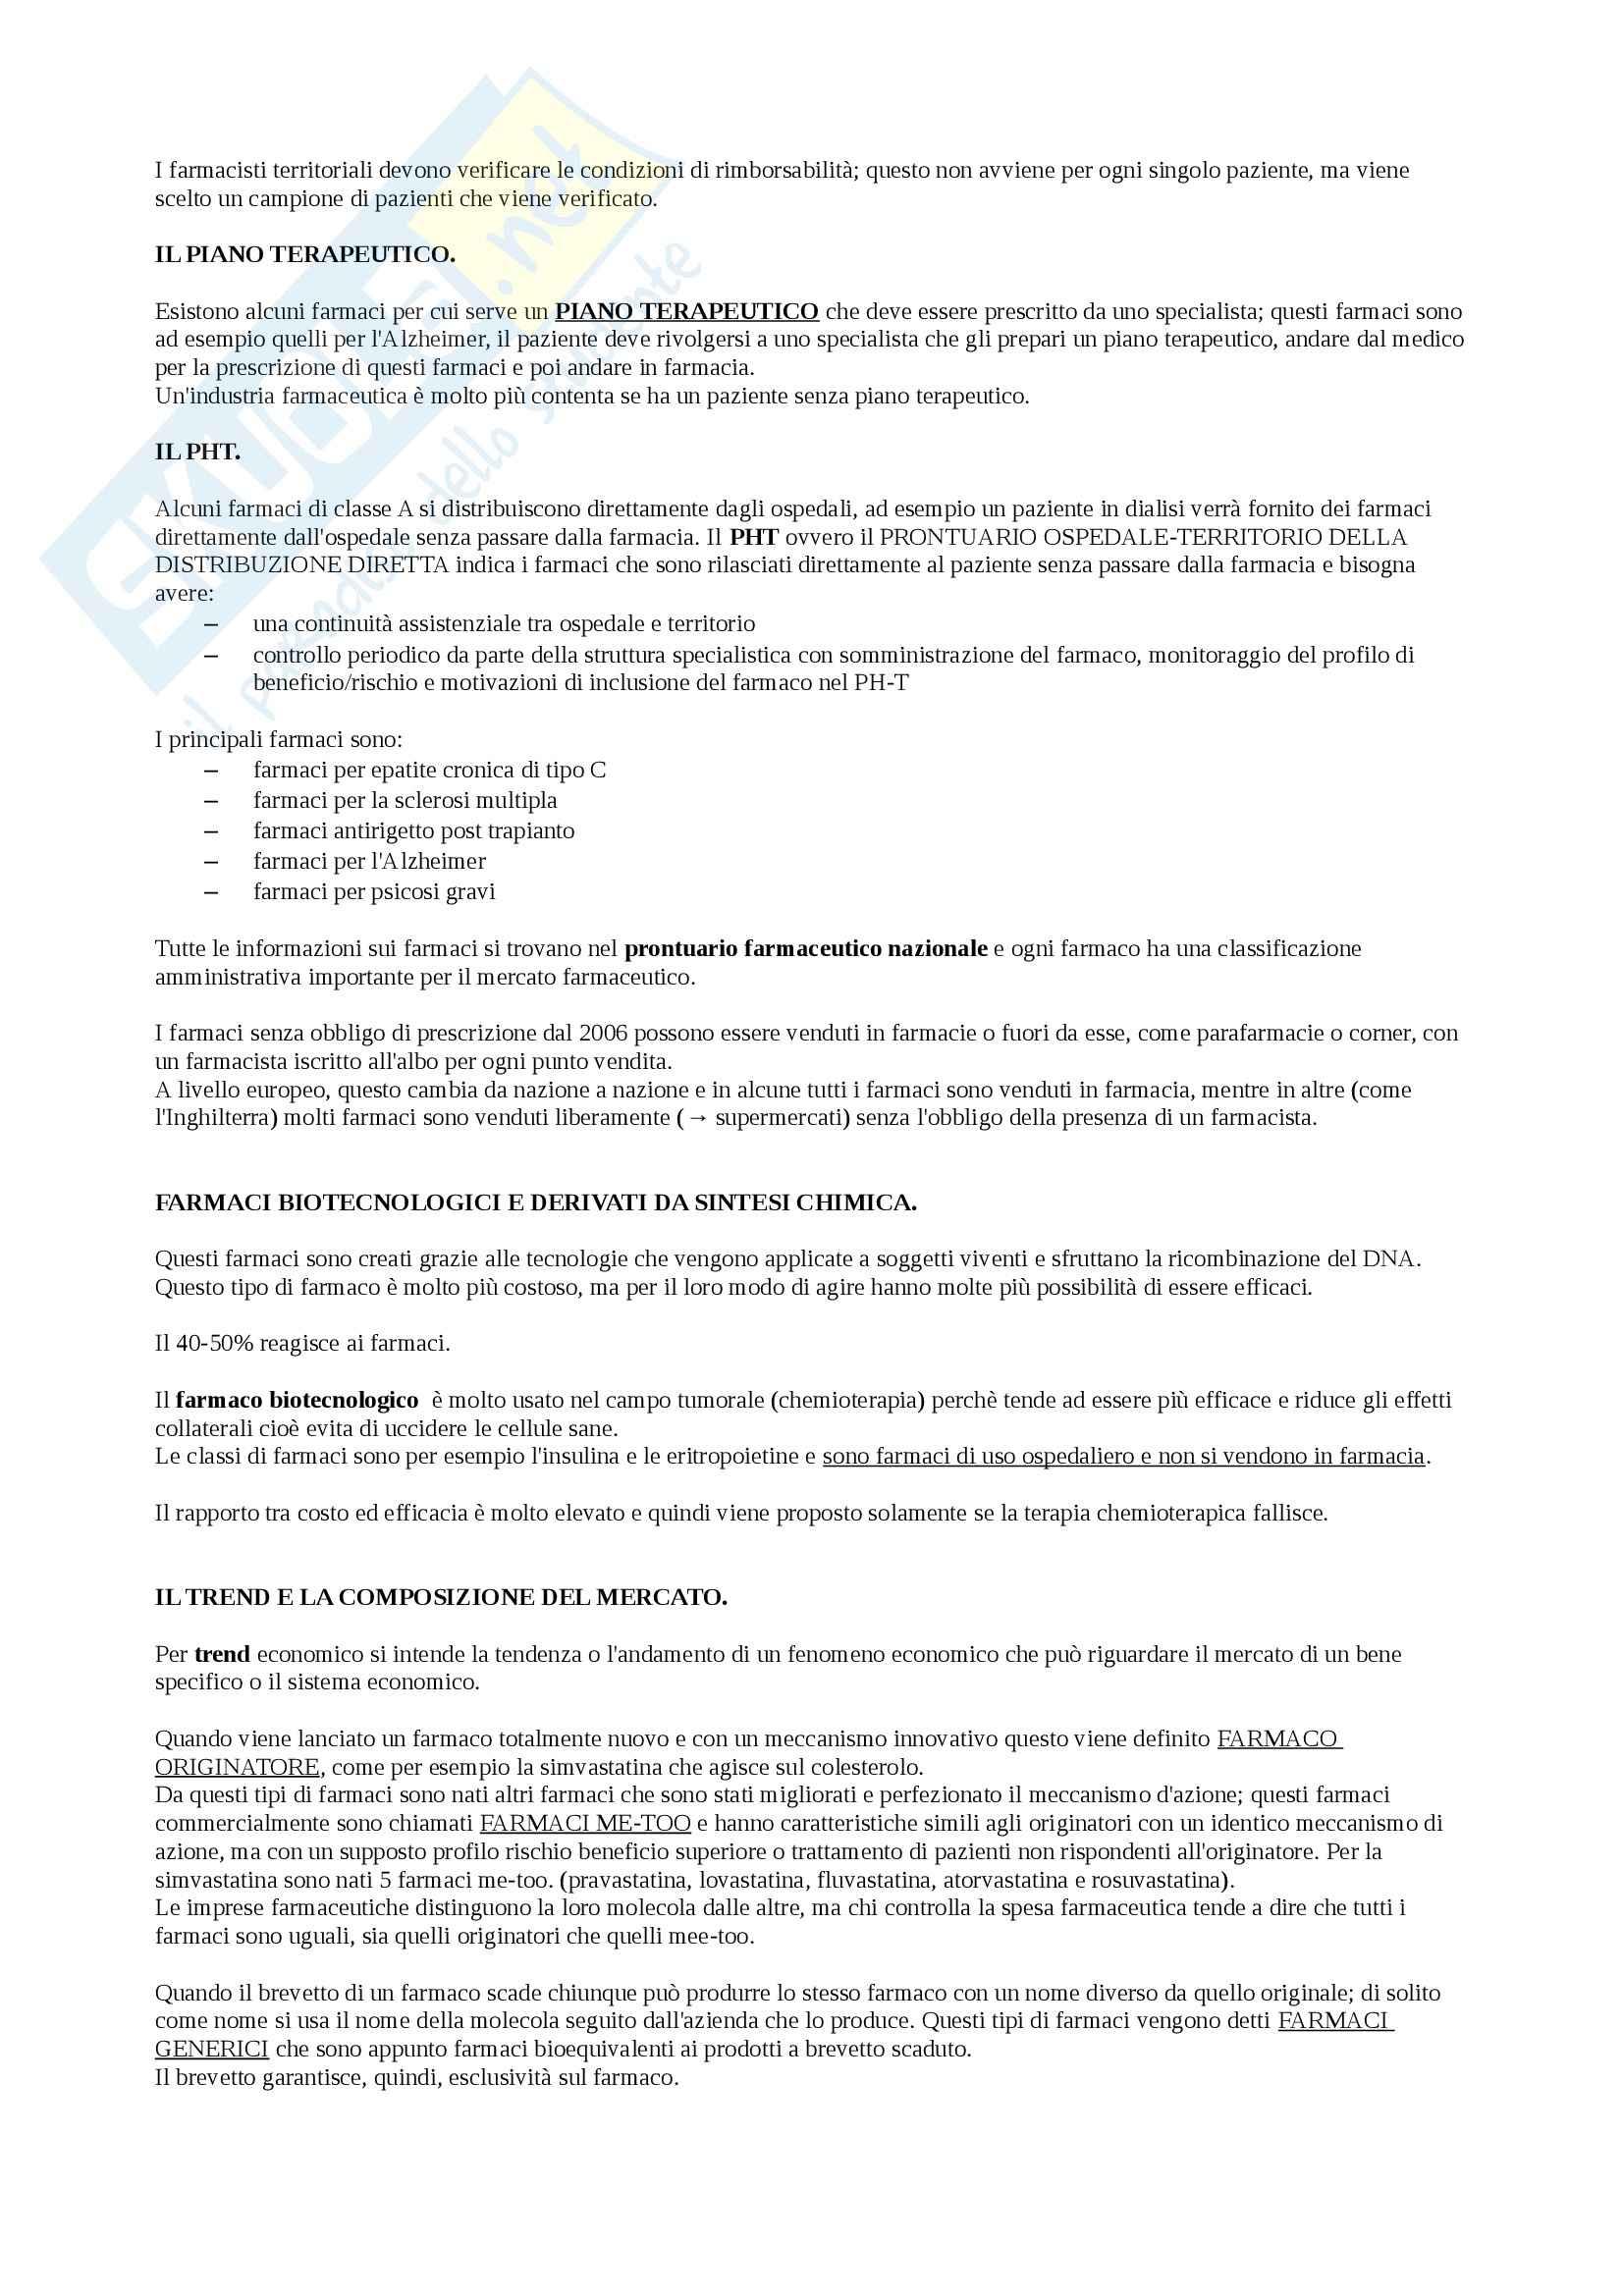 Organizzazione dell'azienda farmacia e farmacoeconomia - Appunti Pag. 2